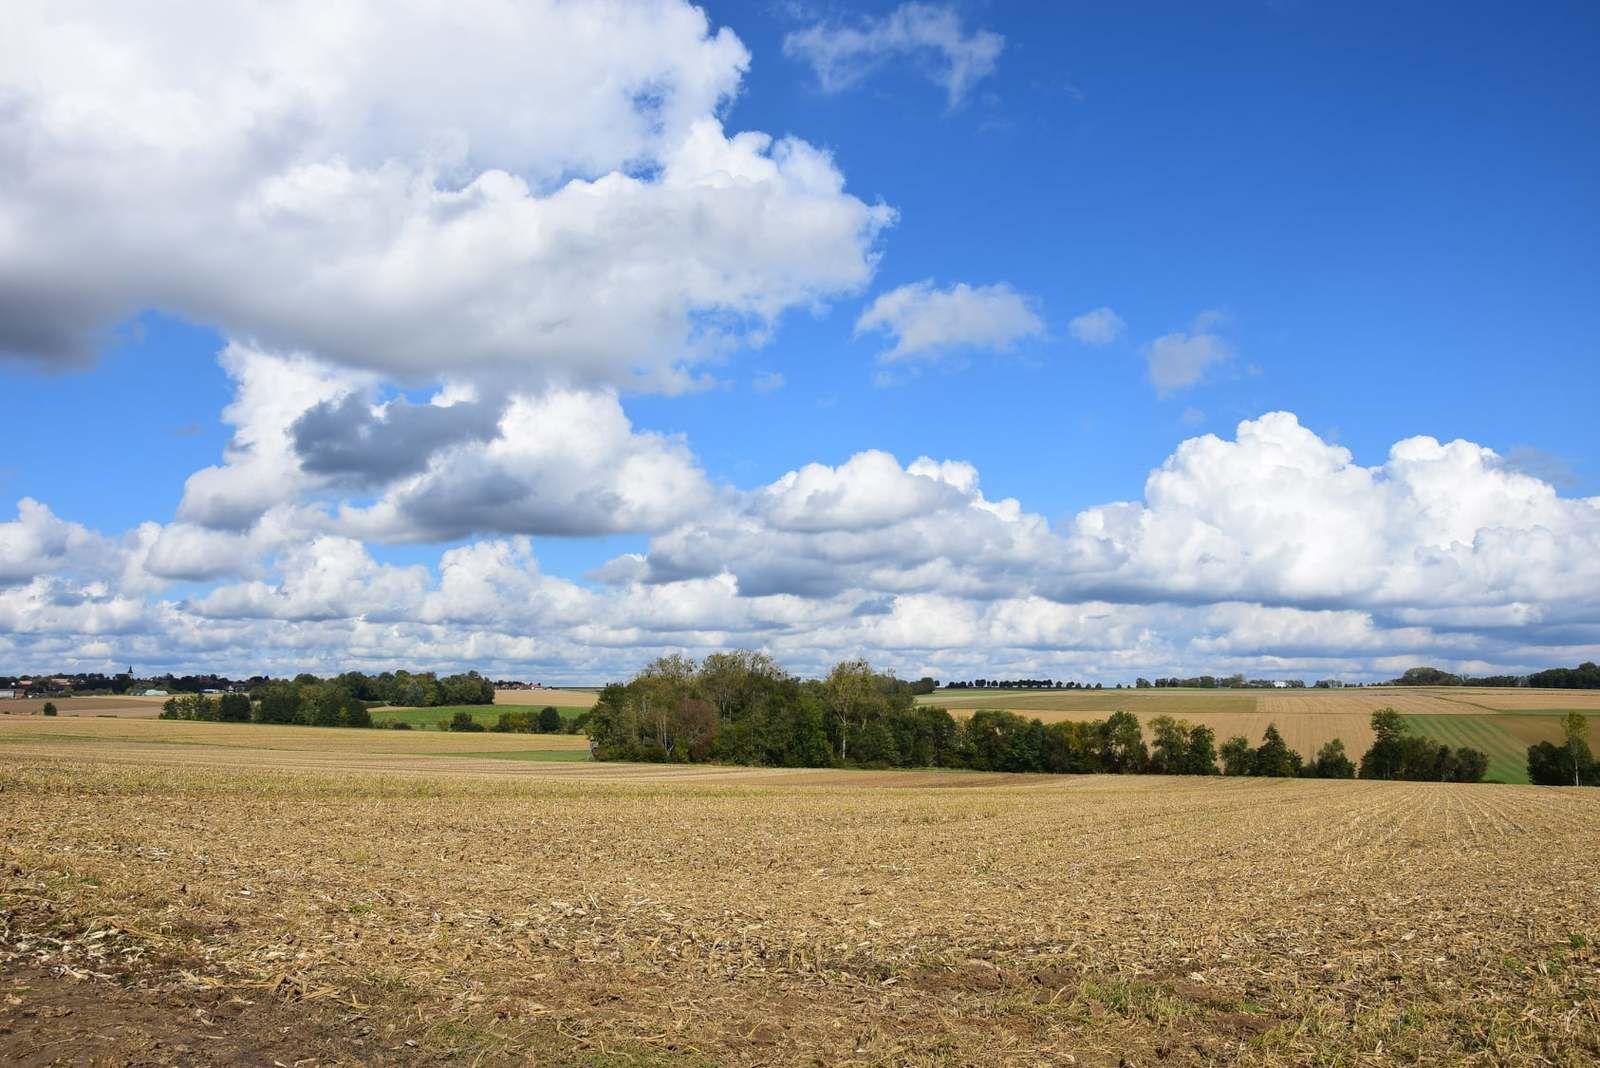 Les parcelles de terres agricoles sont souvent bordées de peupleraies